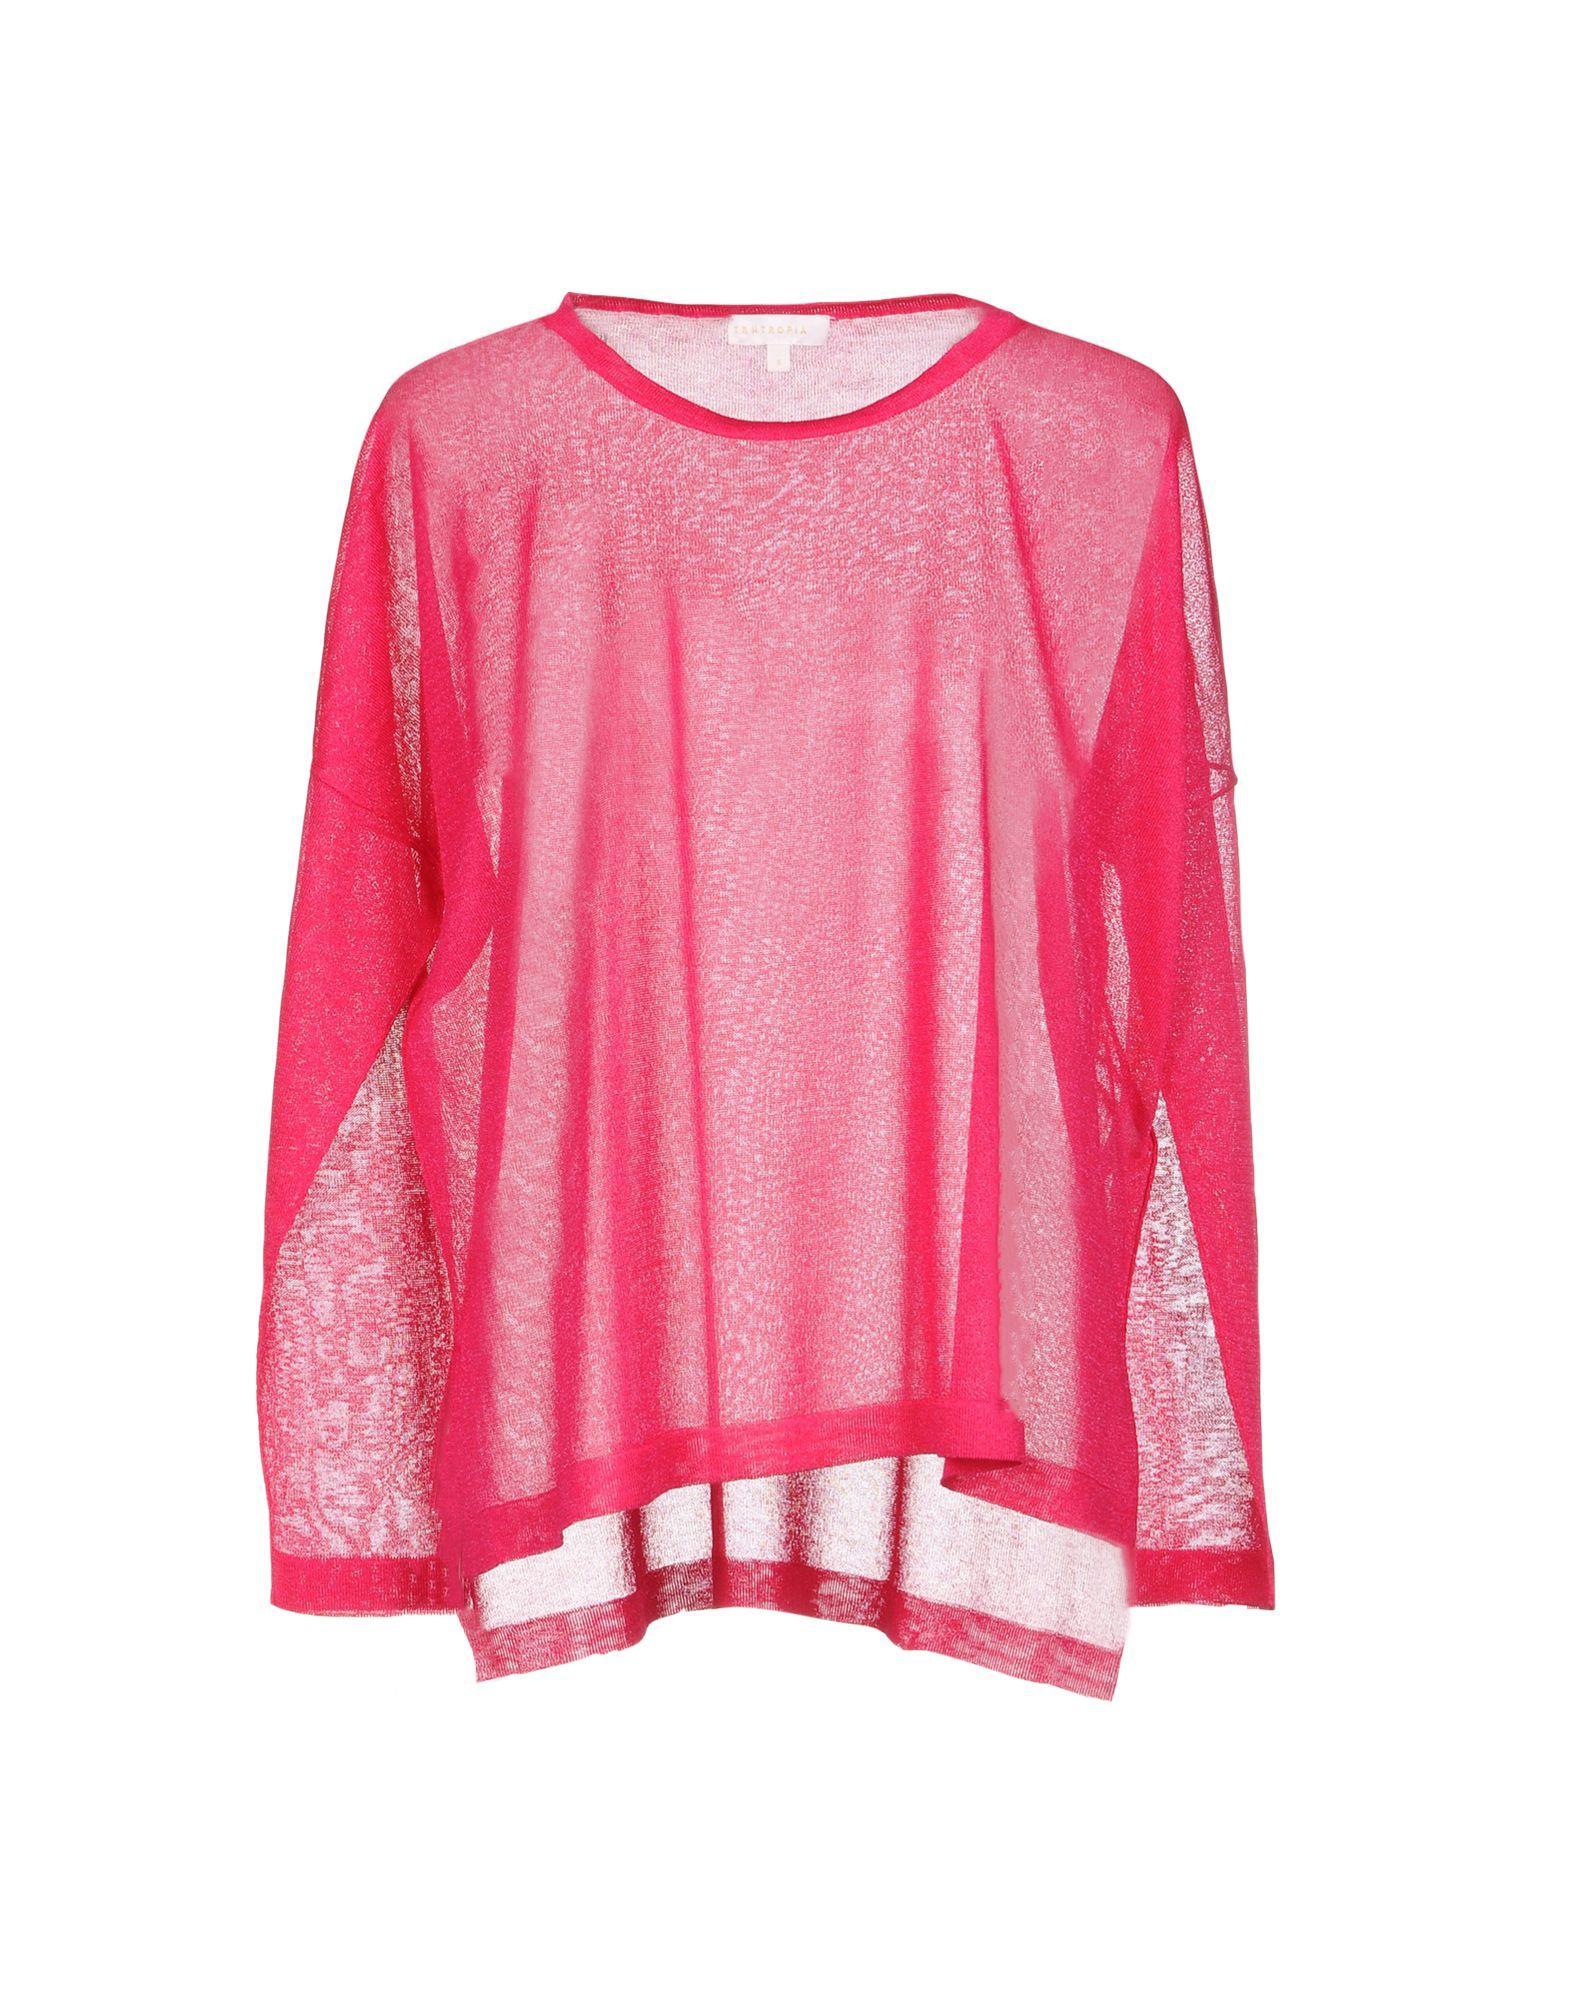 Intropia Sweaters In Fuchsia